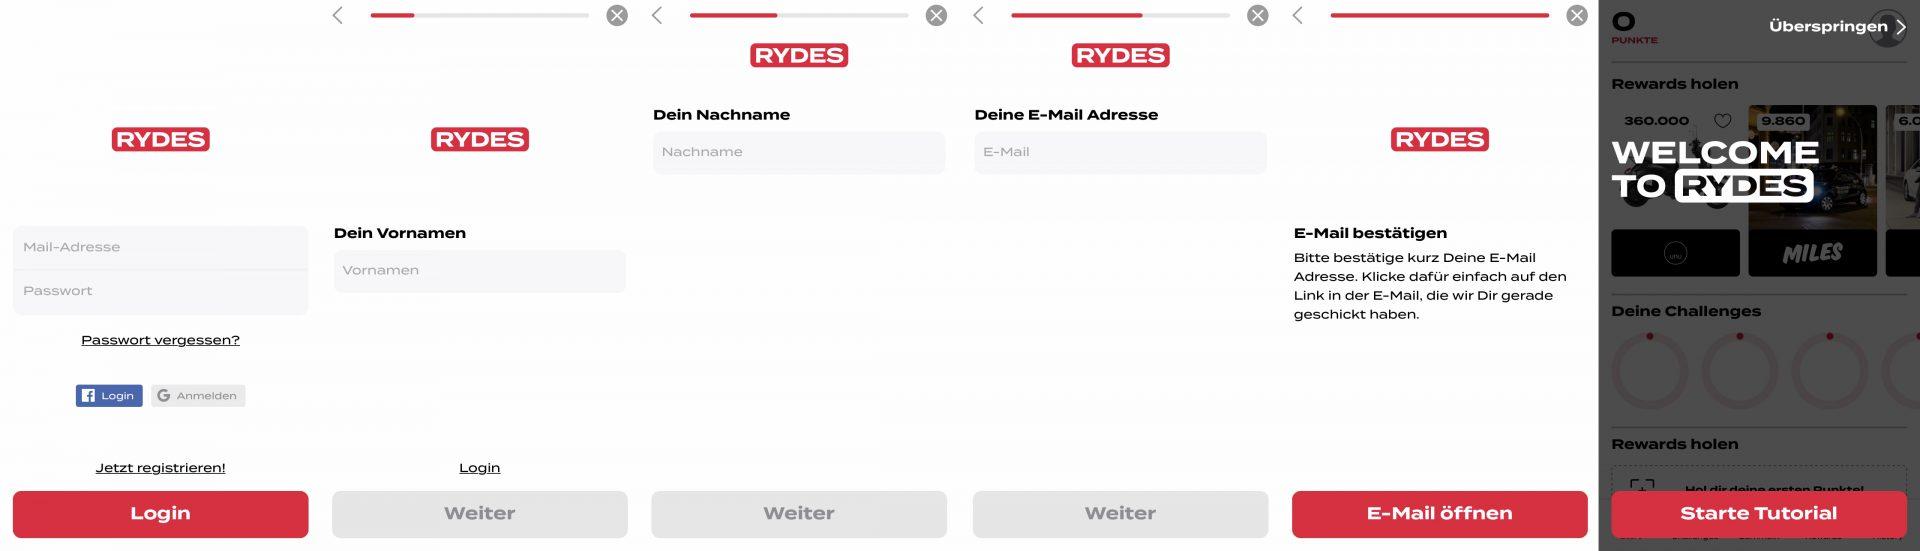 Rydes App Update - was gibt es neues in der Mobilitätsapp?